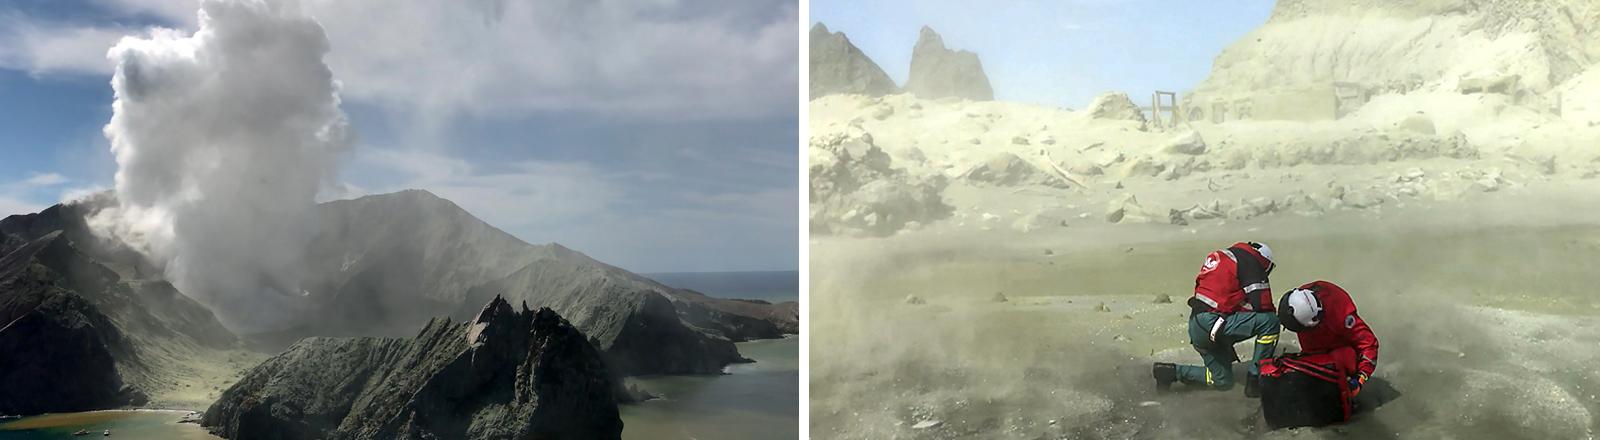 Rauch aus einem Vulkan und Rettungskräfte bei der Arbeit